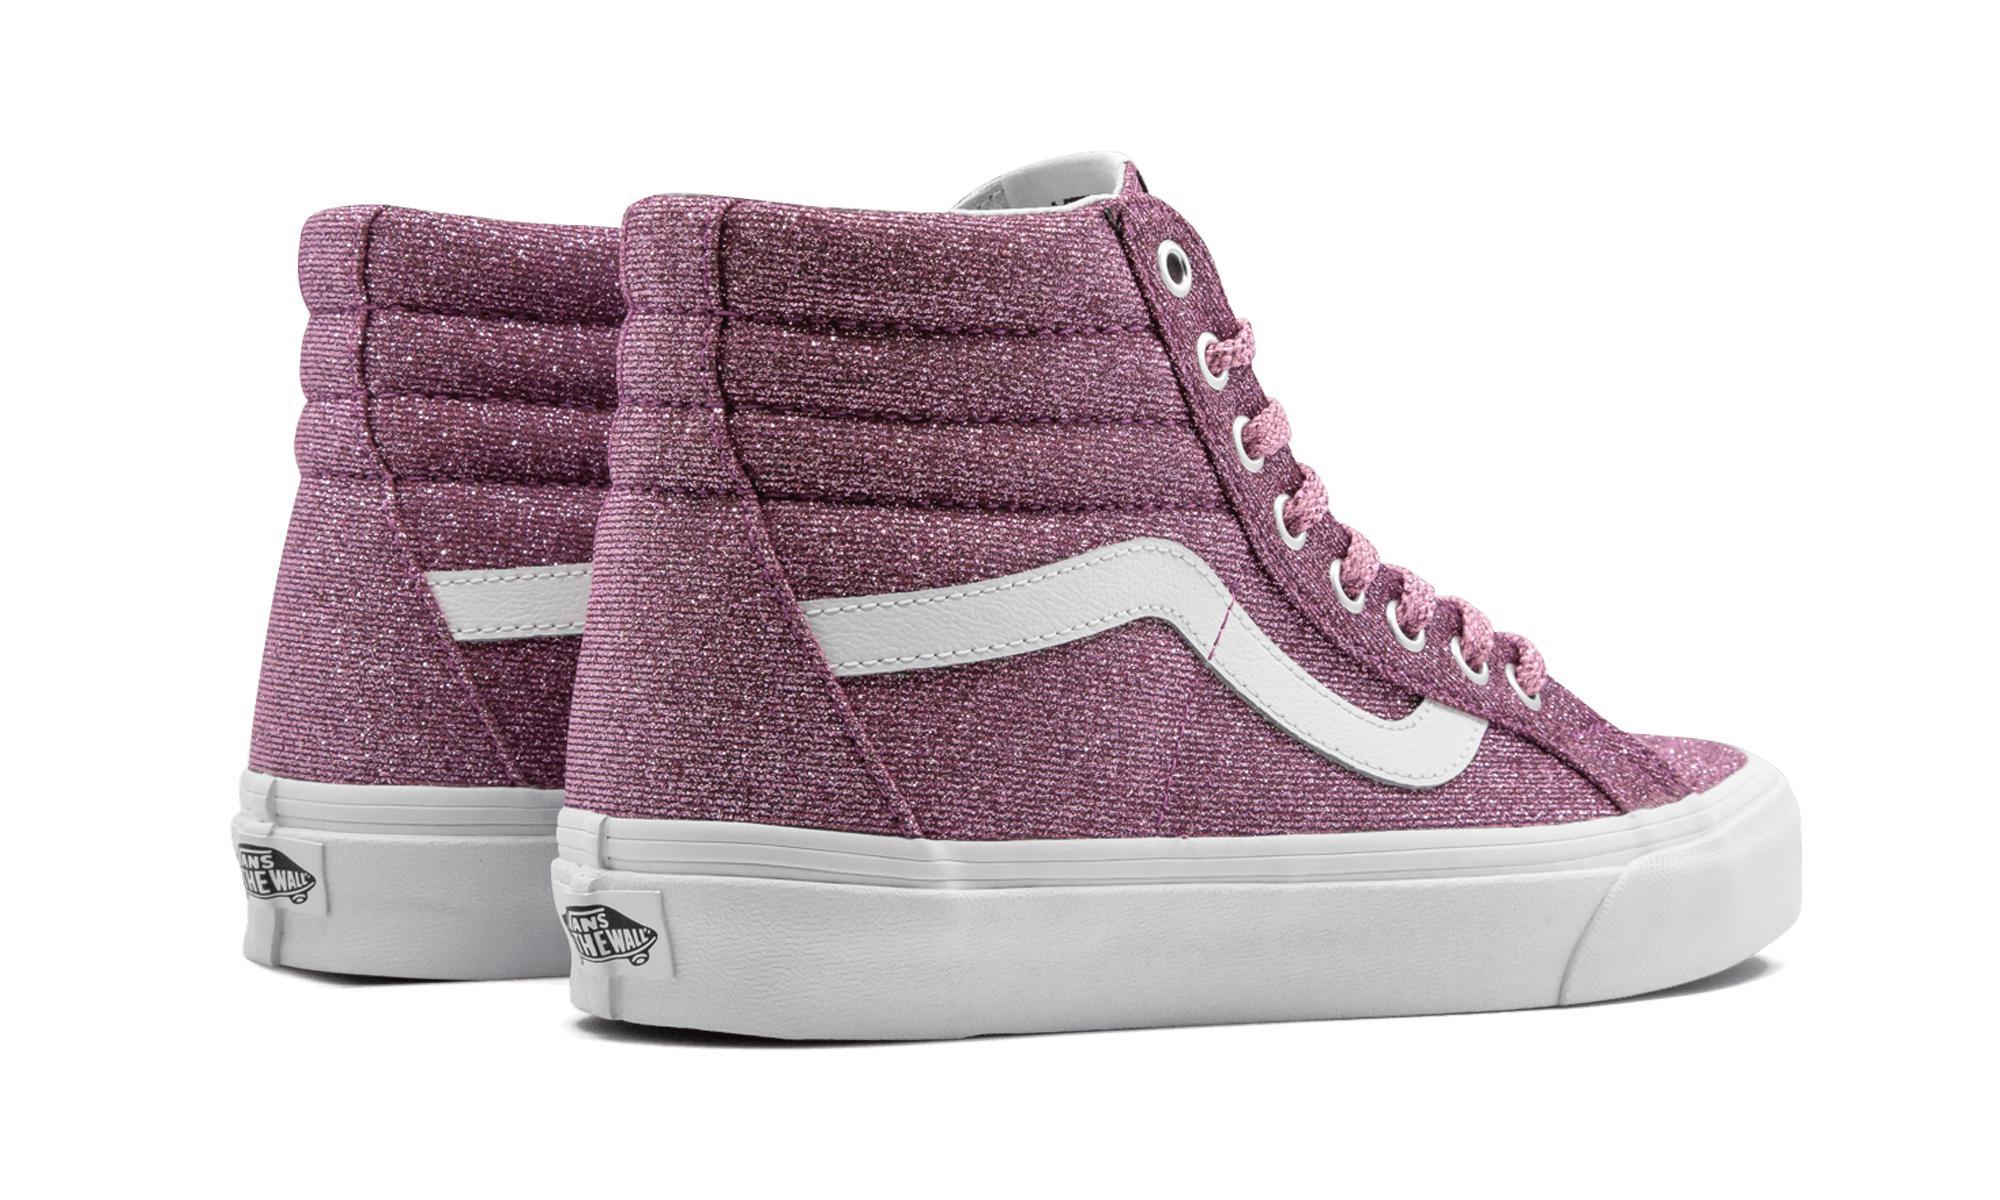 f84d70da9c Lyst - Vans Sk8-hi Reissue (lurex Glitter) in Pink